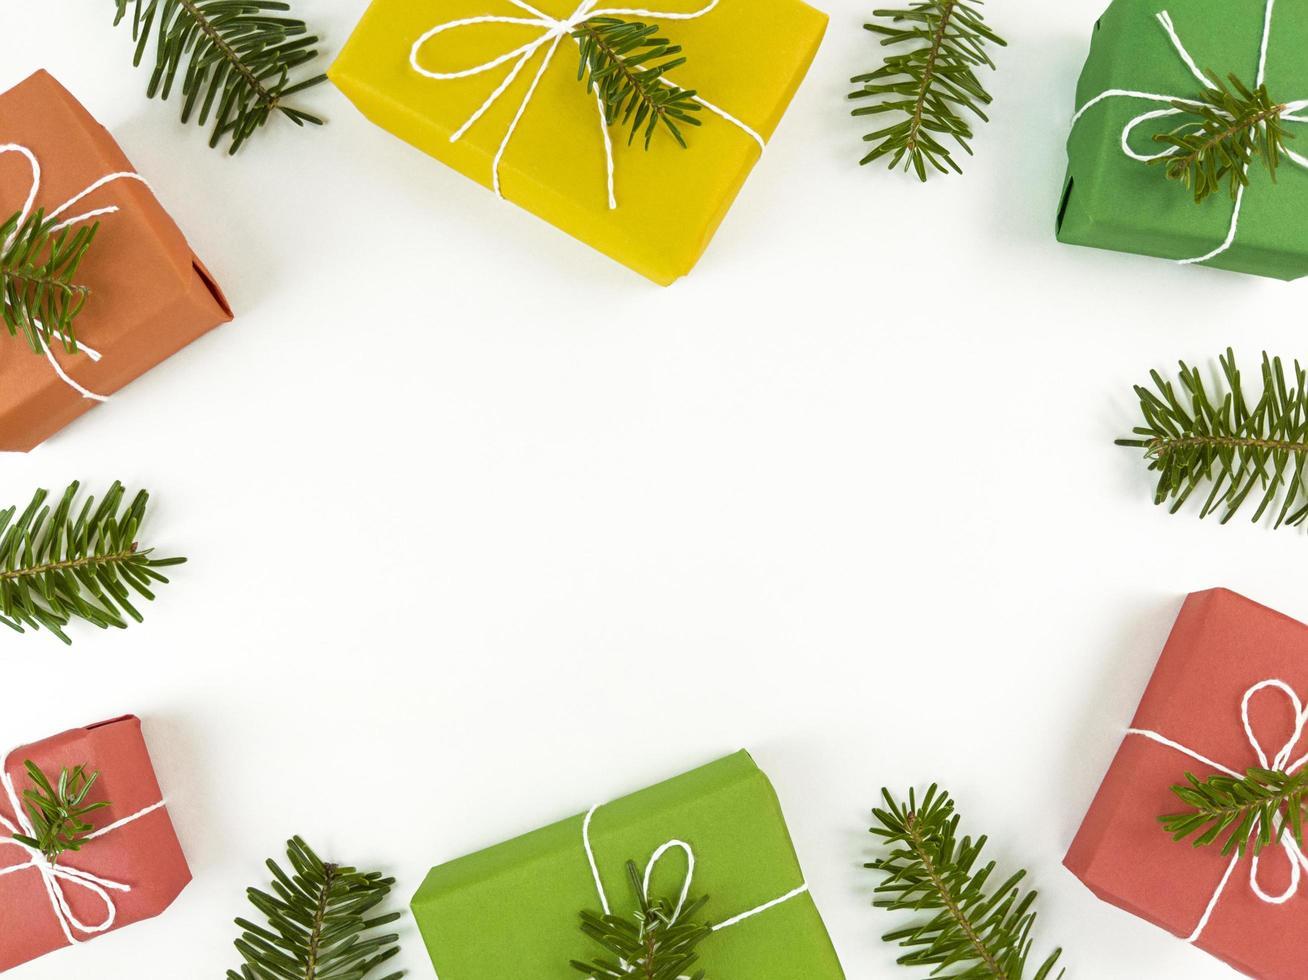 semester vykort med granar grenar och presentaskar på en vit foto